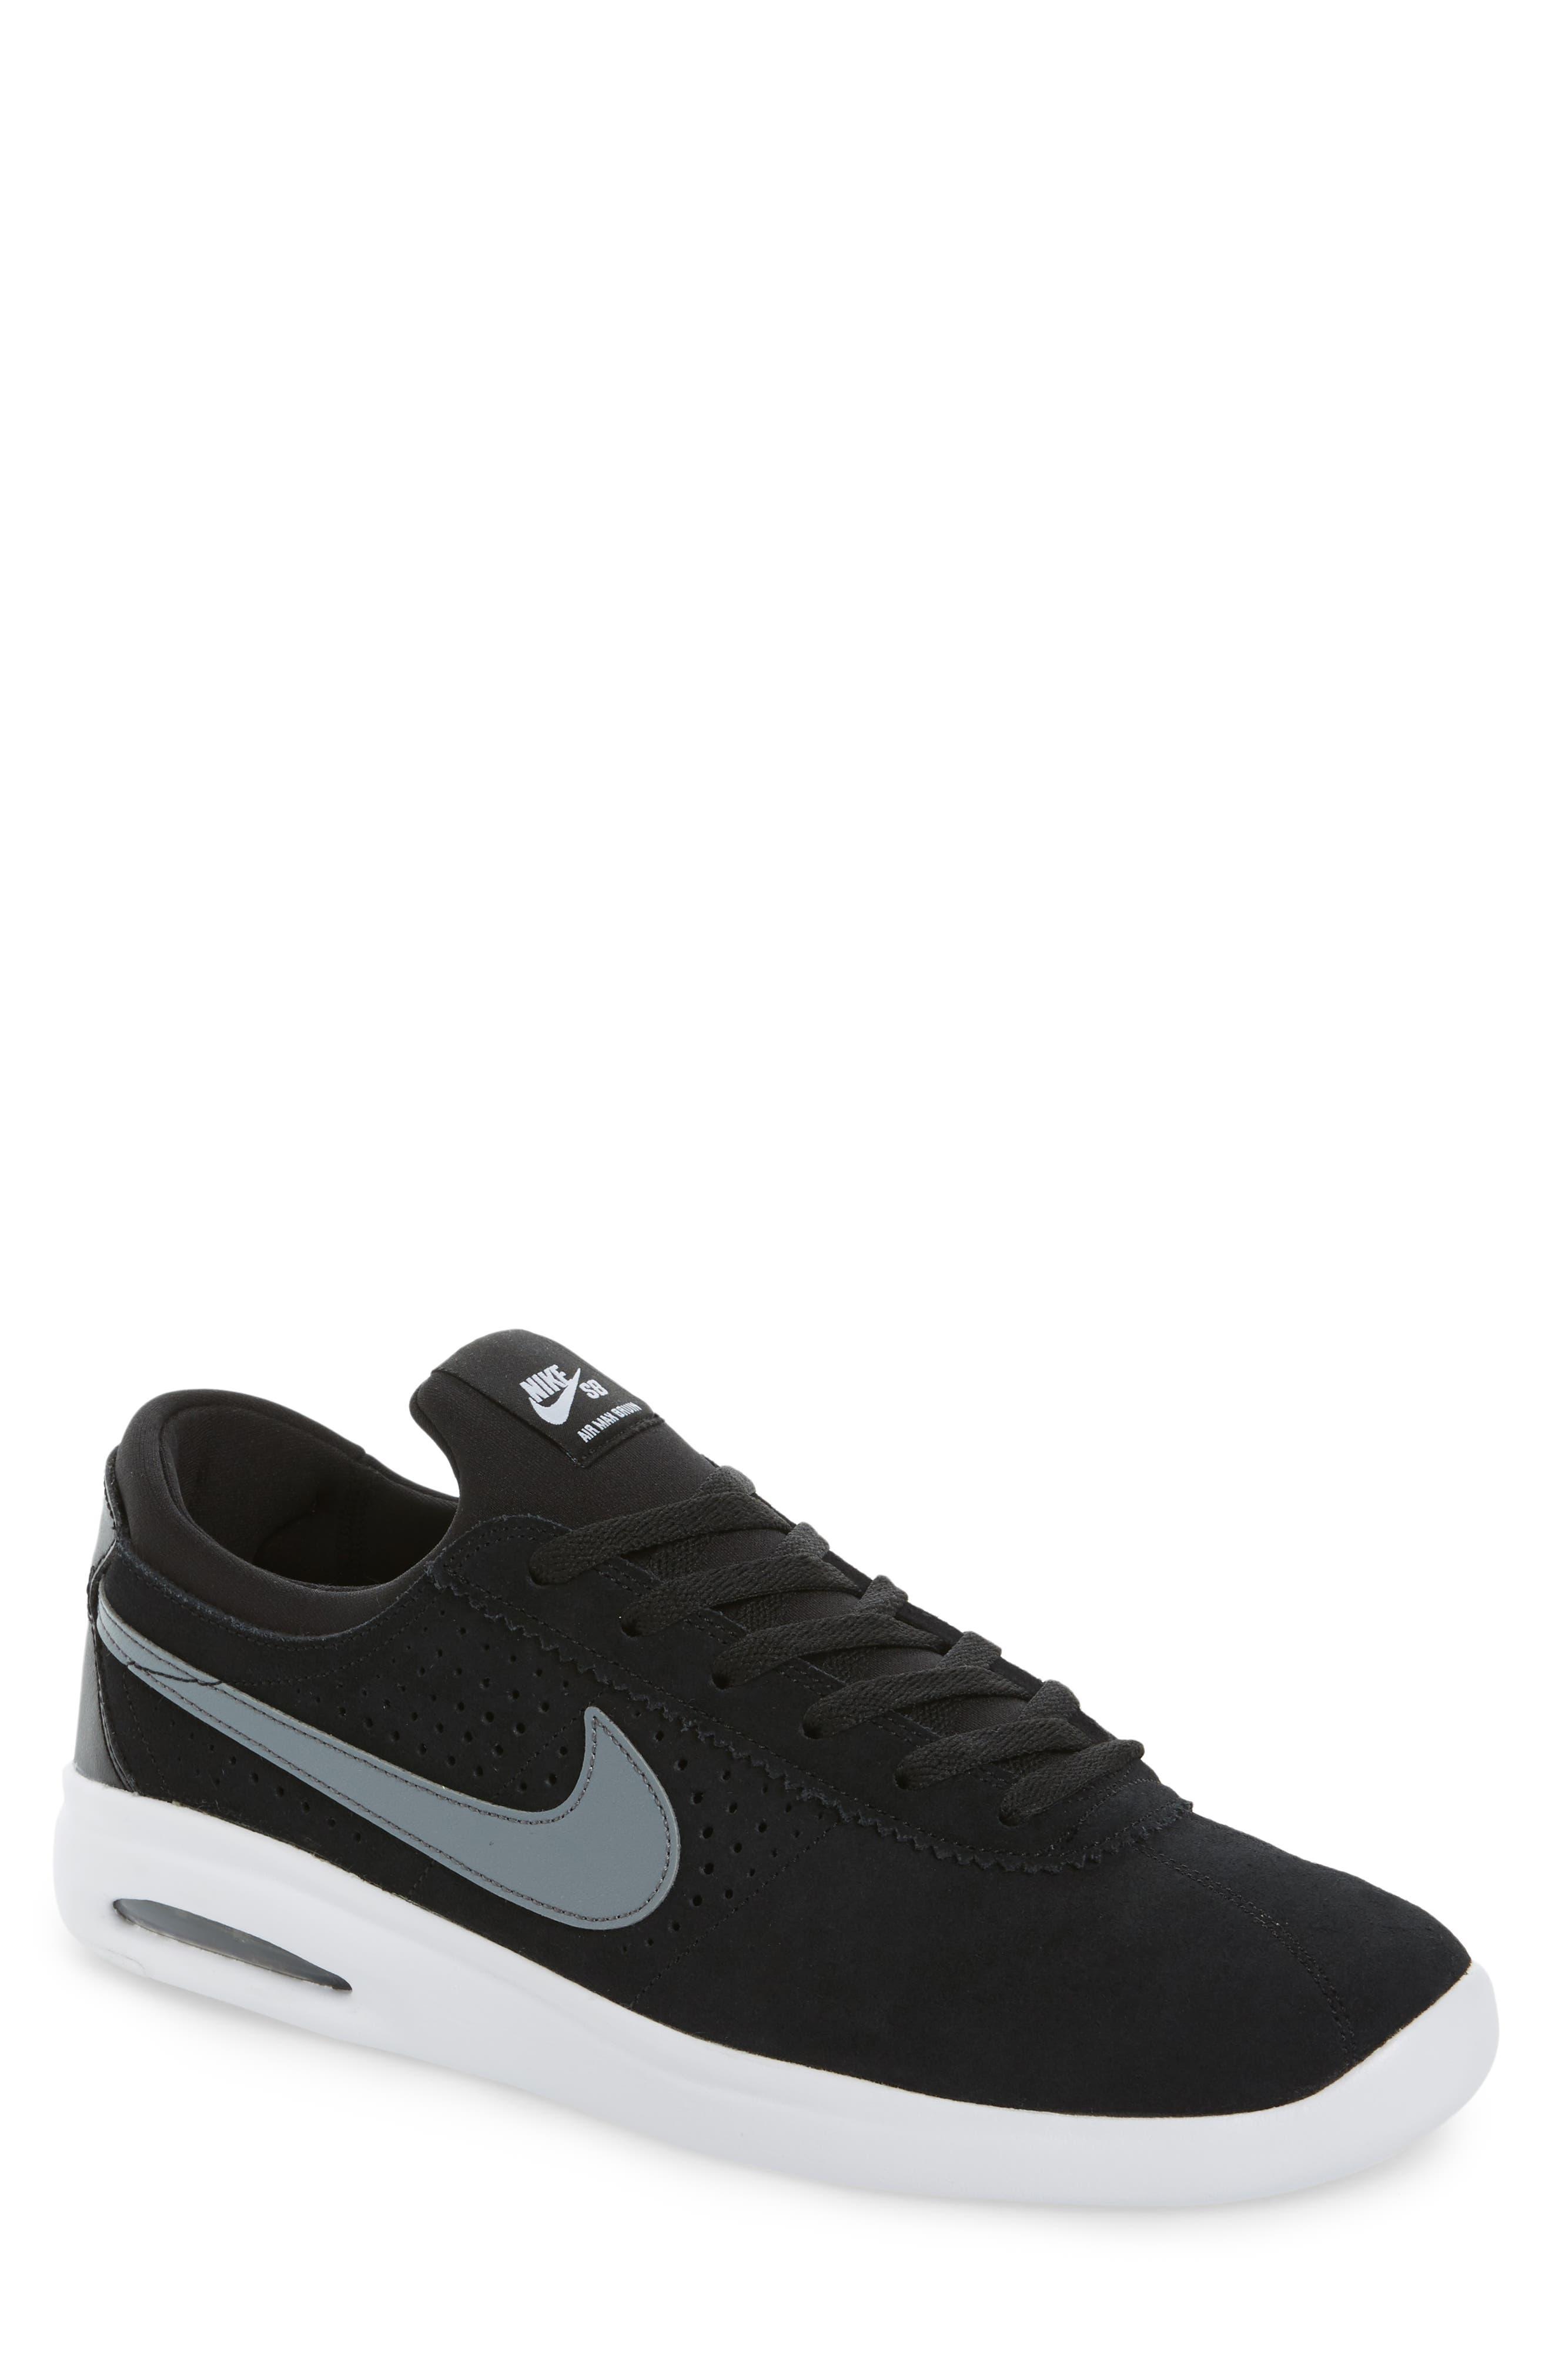 Nike SB Air Max Bruin Vapor Skateboarding Sneaker (Men)